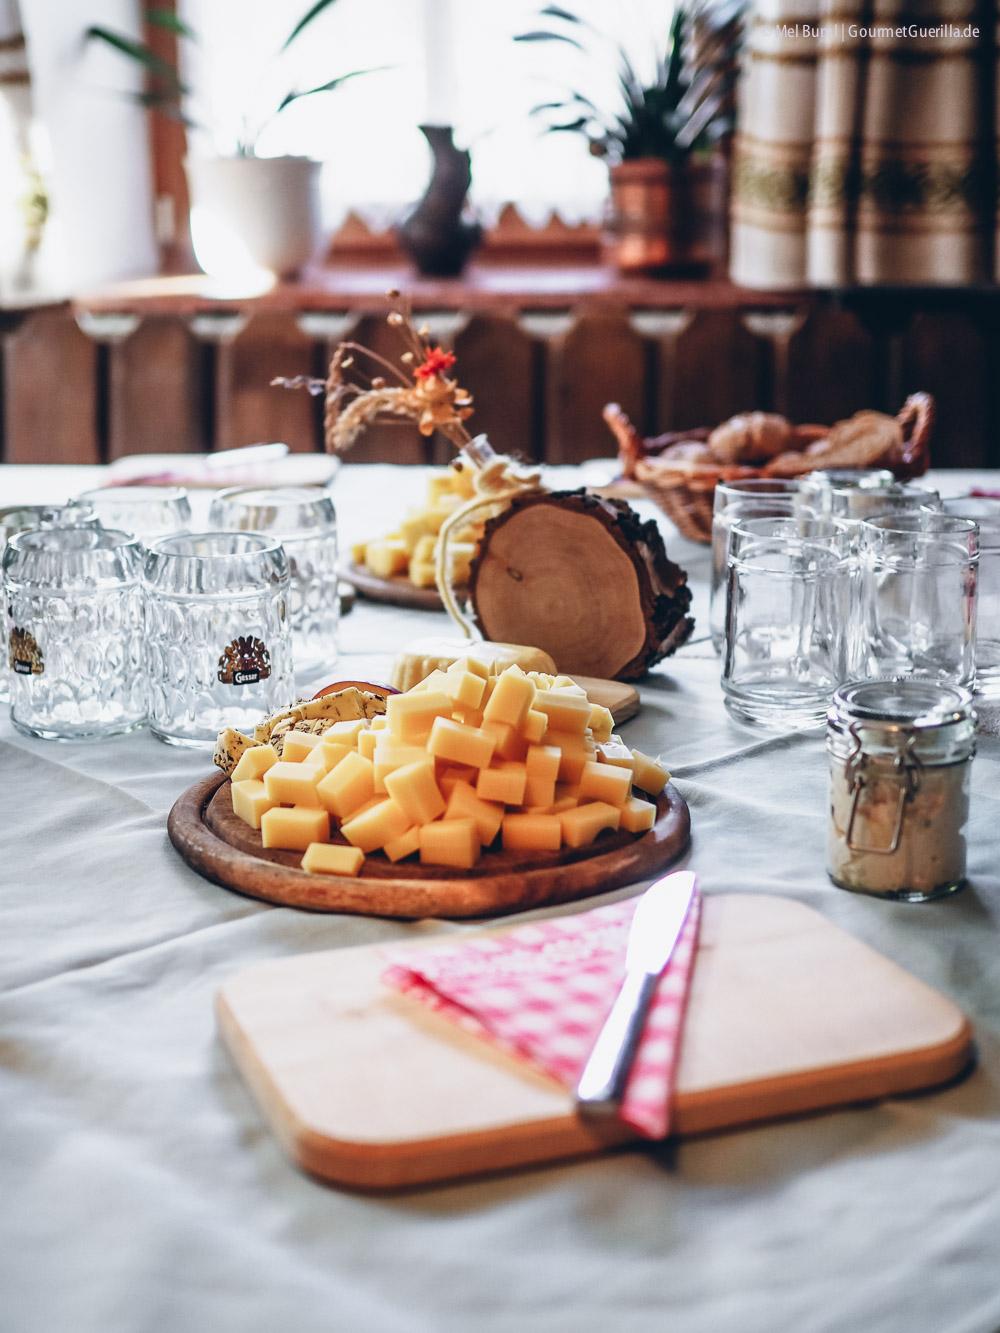 Brotzeit auf einem Bauernhof mit Produkten aus Heumilch g.t.S. Senner meets Blogger |GourmetGuerilla.de